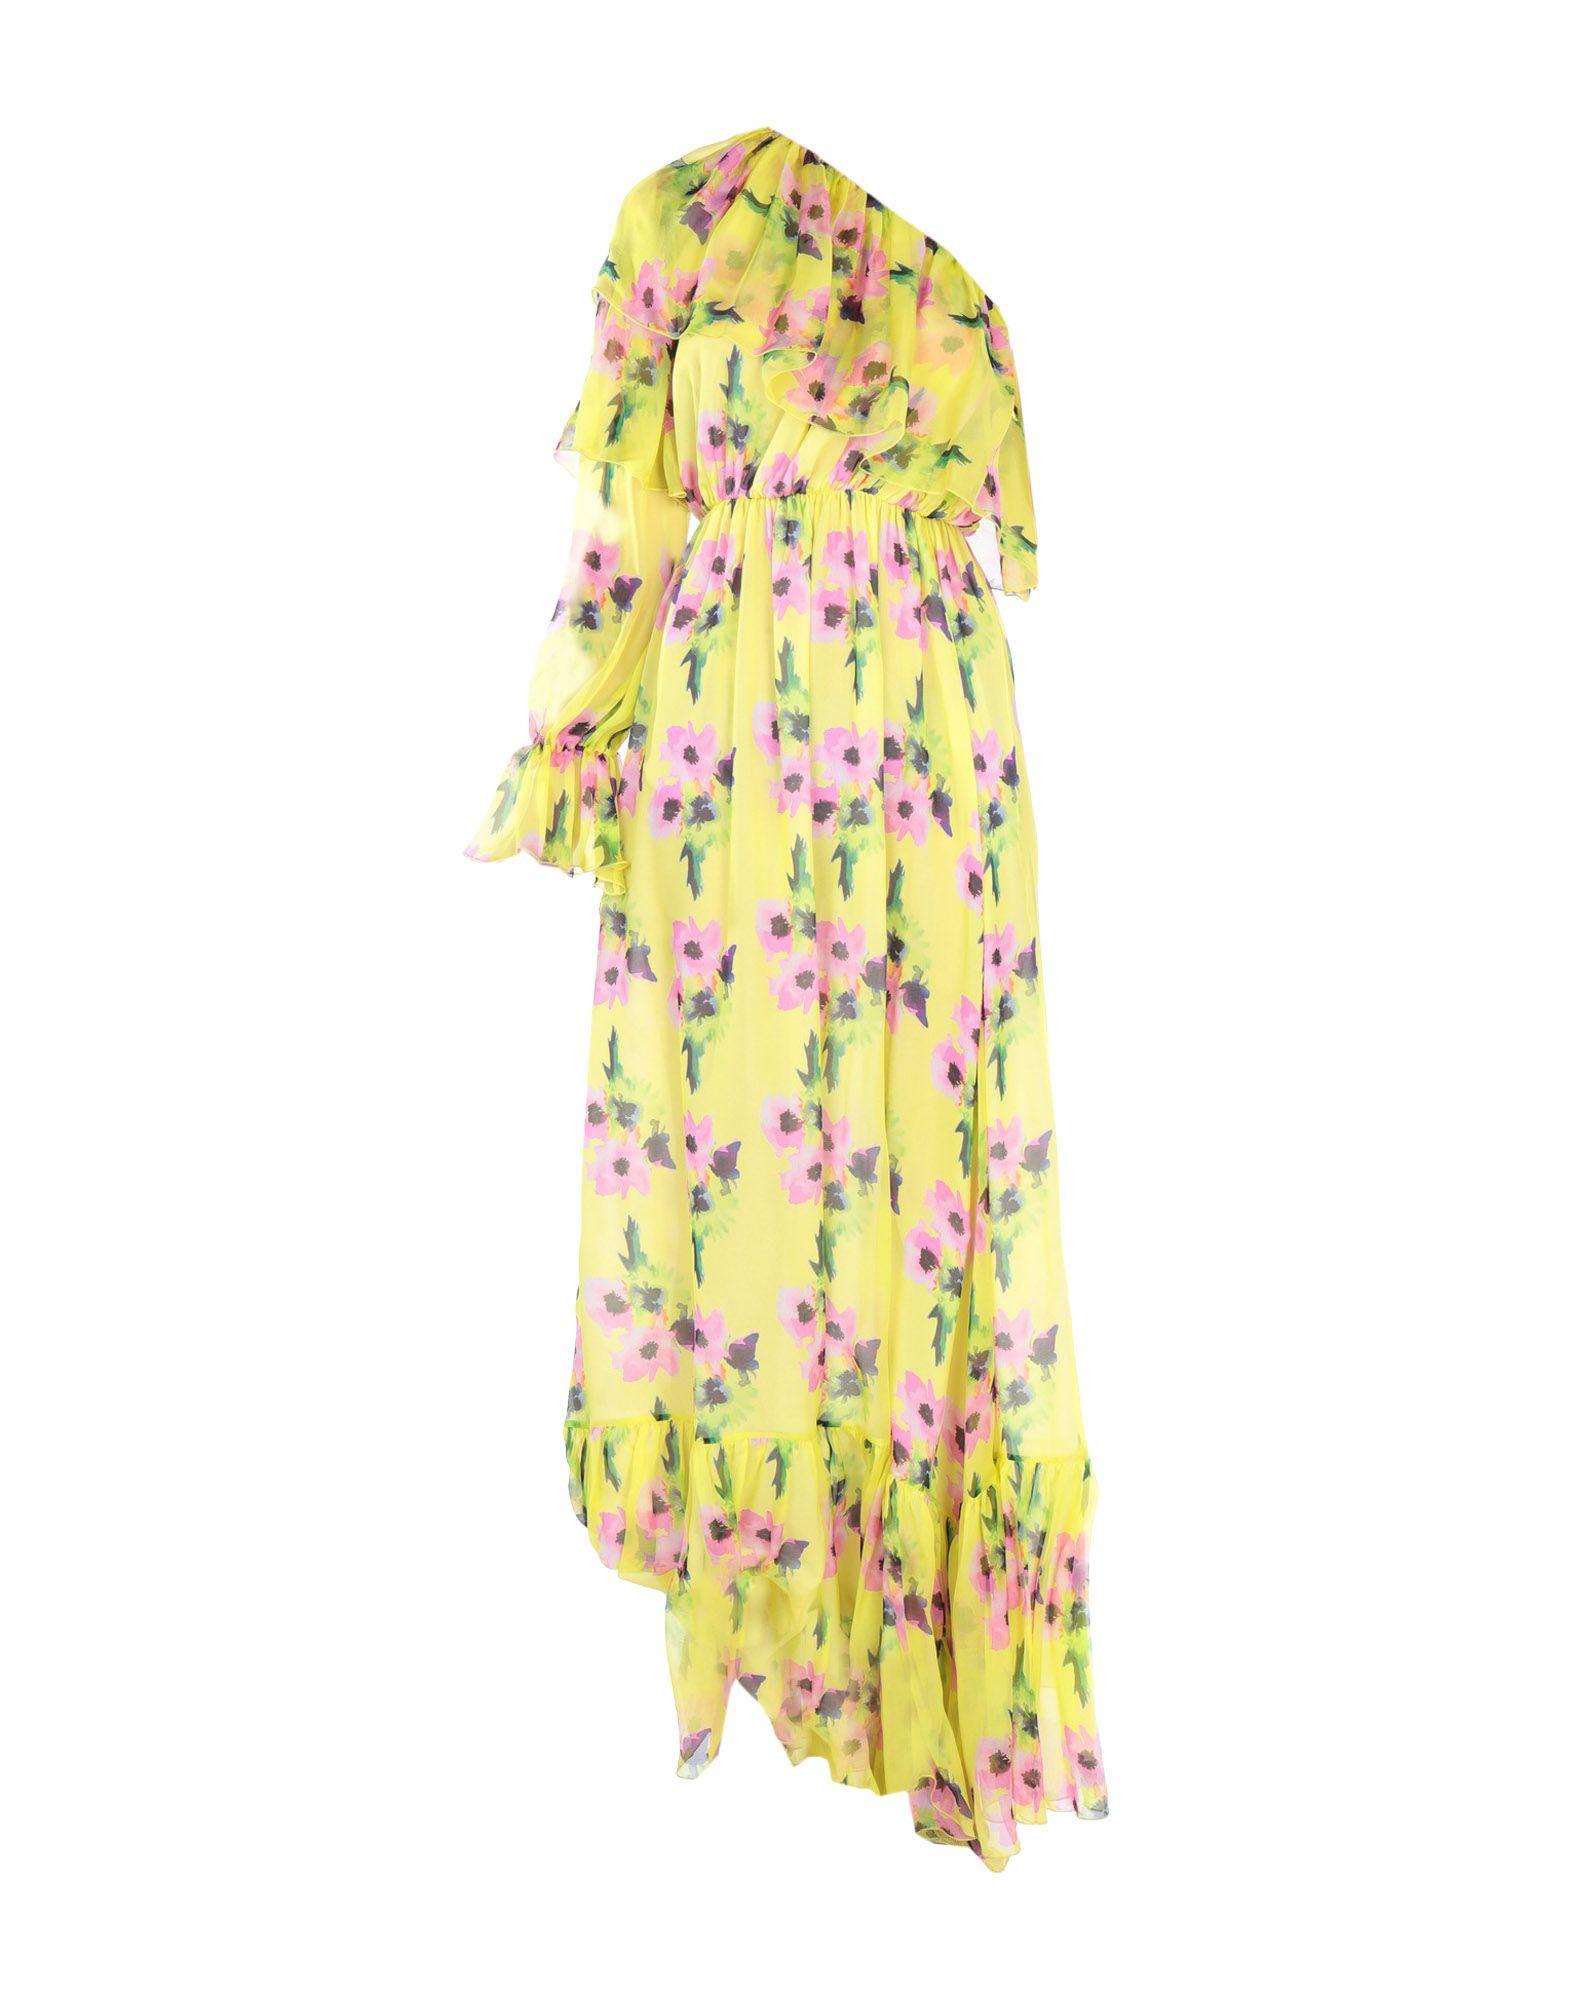 MSGM Длинное платье 923 зима полный дрель бархат вечернее платье длинное плечо банкет тост одежды тонкий тонкий хост